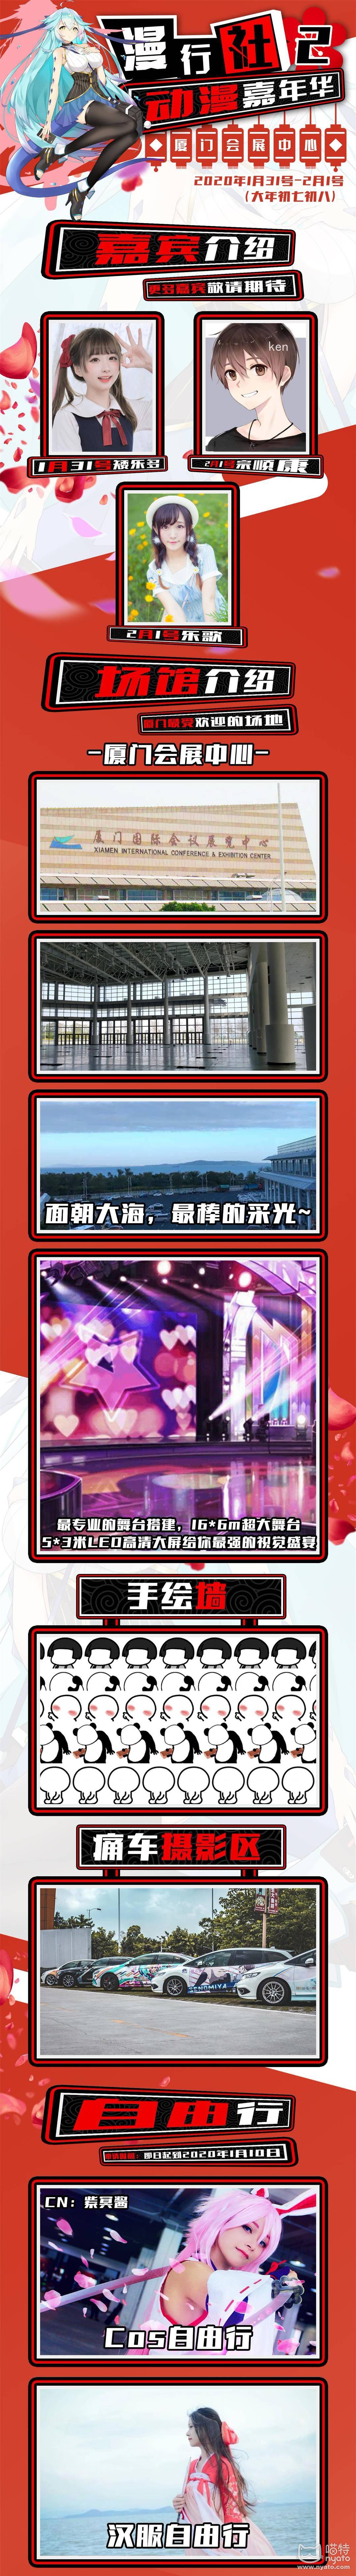 111111_看图王.jpg